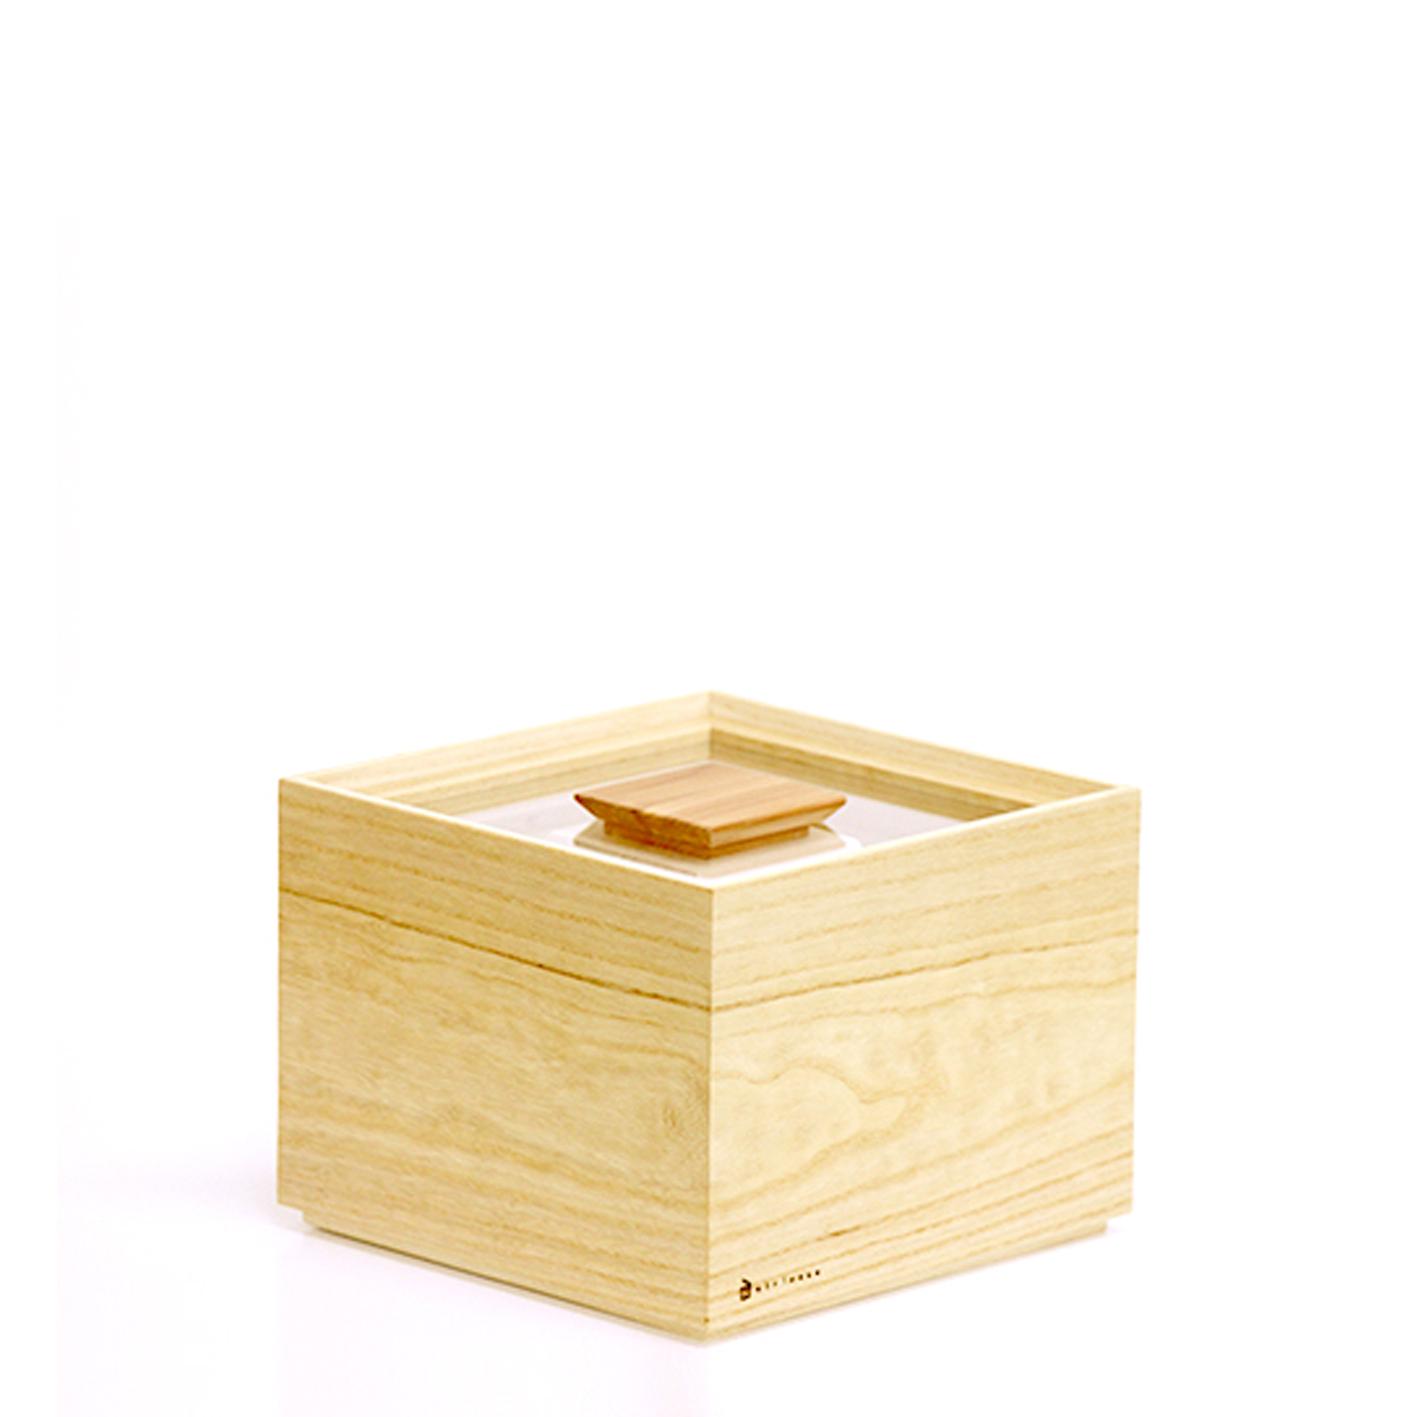 増田桐箱店 桐製米びつ 3kg